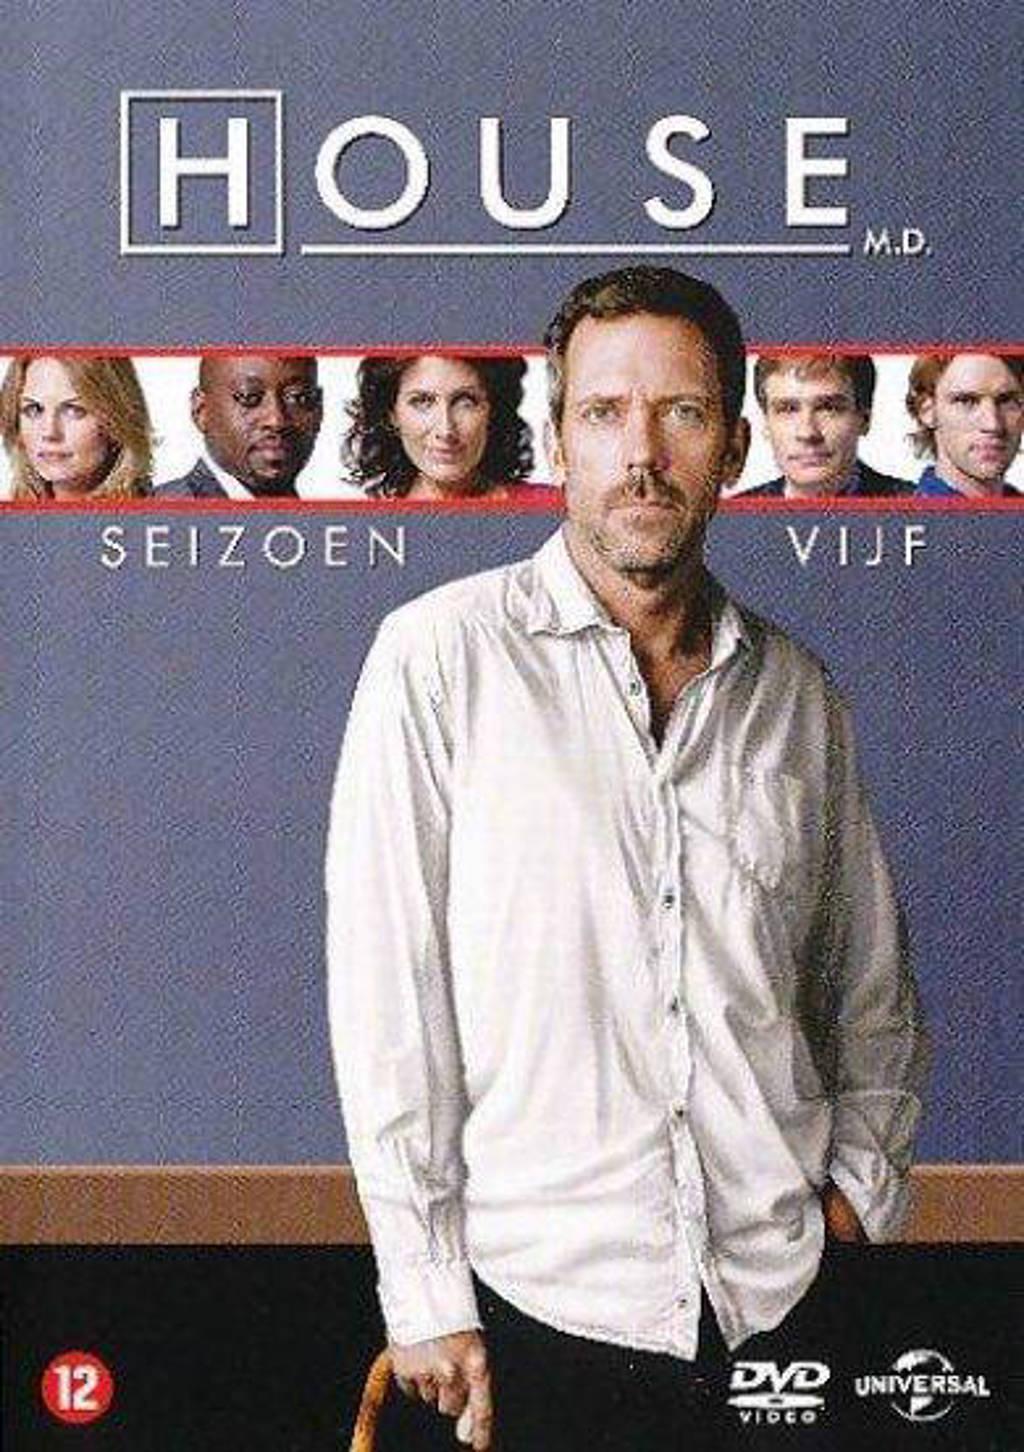 House M.D. - Seizoen 5 (DVD)